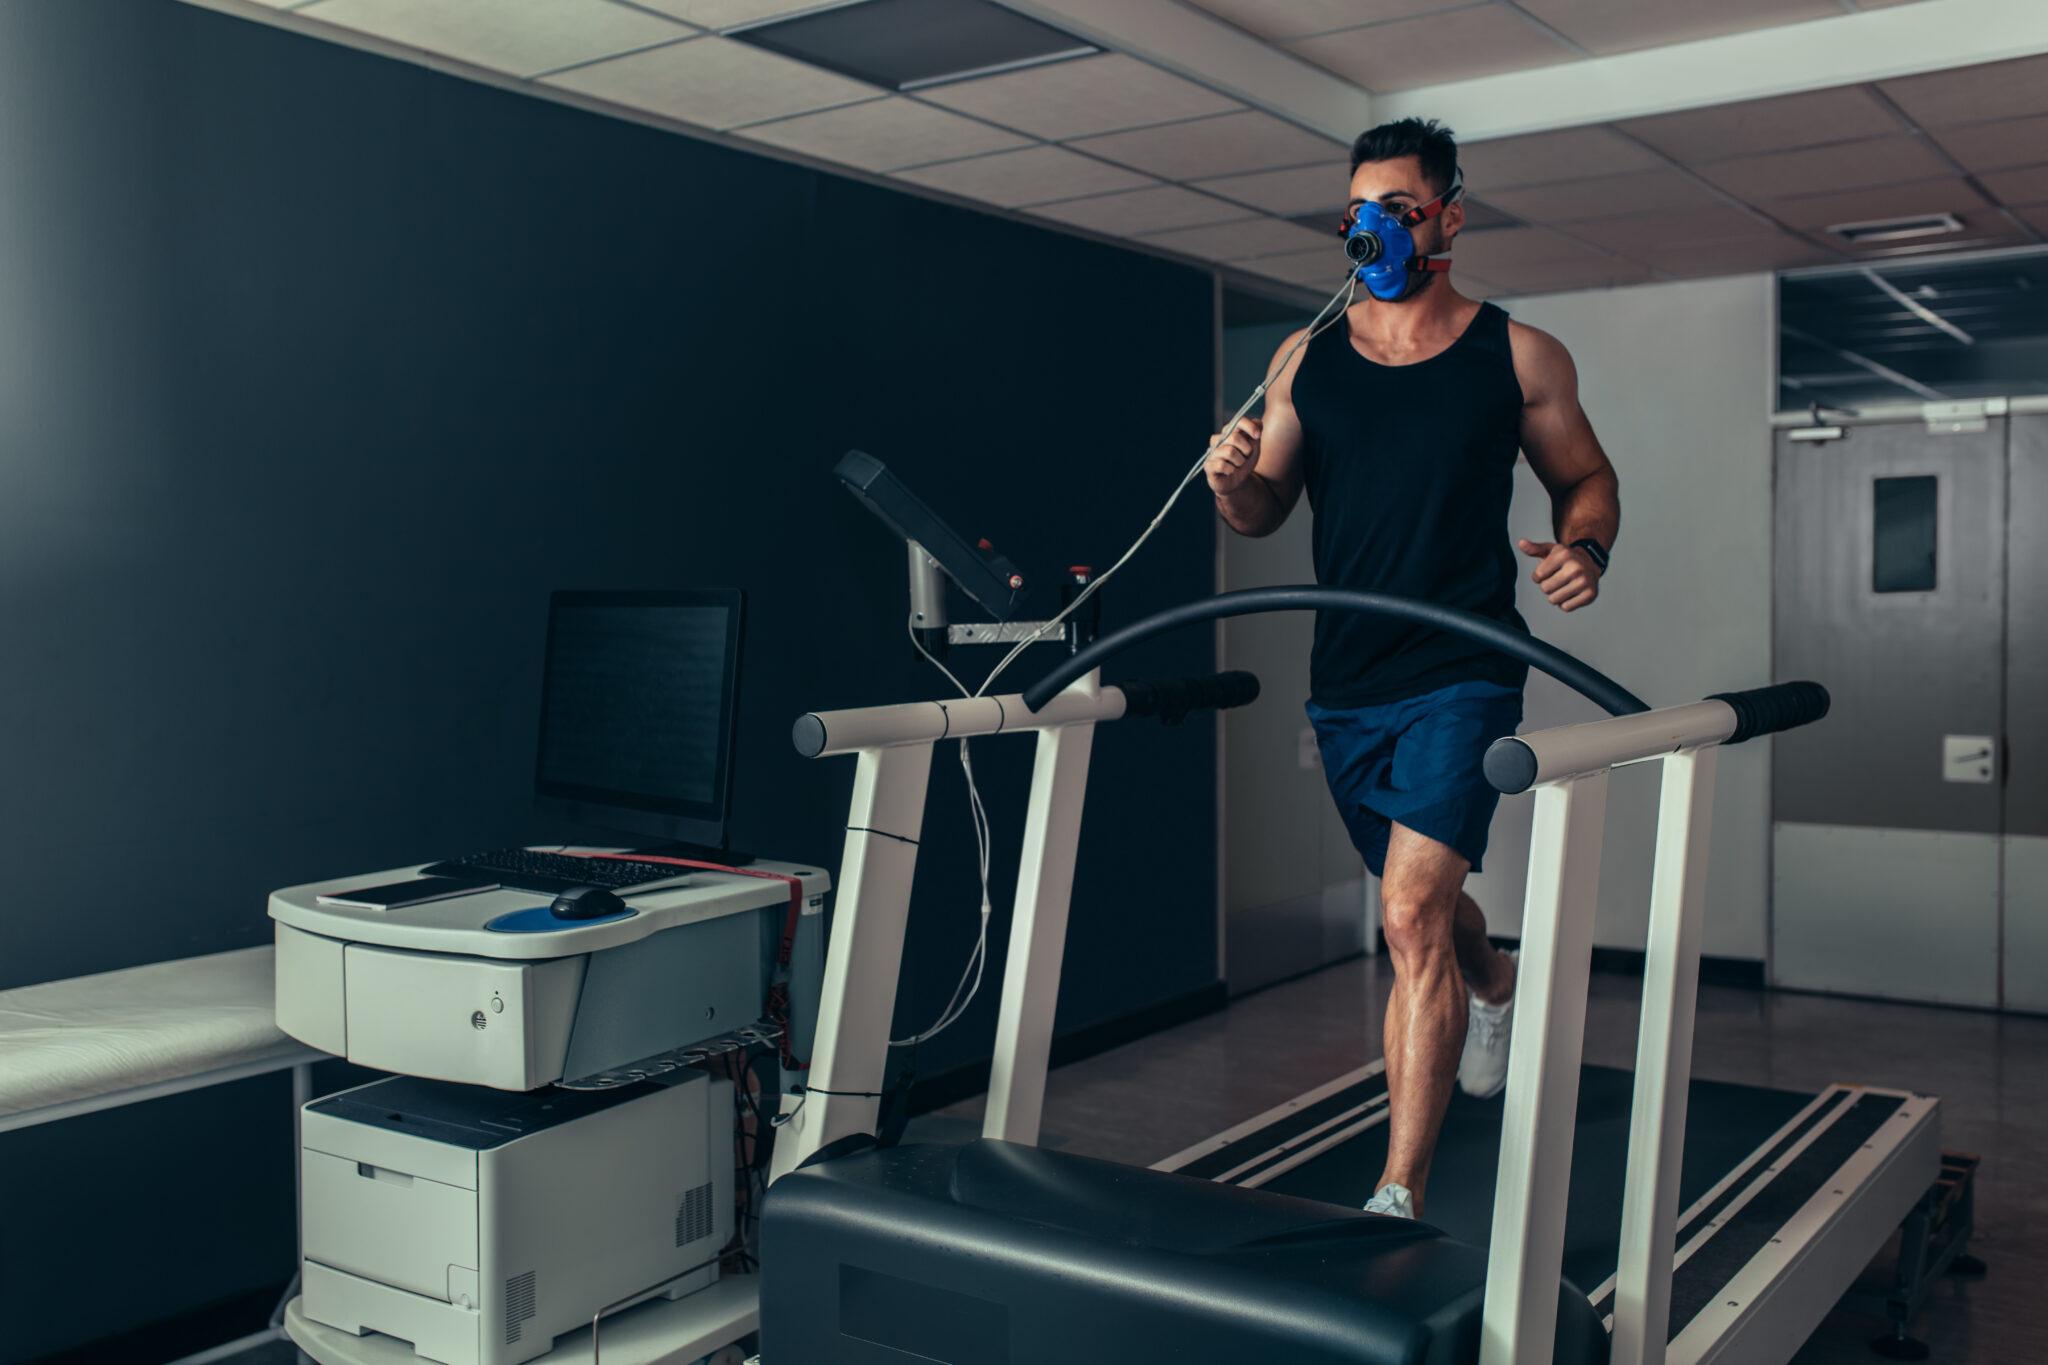 Ein Mann steht mit einer Maske, die den Atem misst auf einem Laufband in einem Sportlabor.